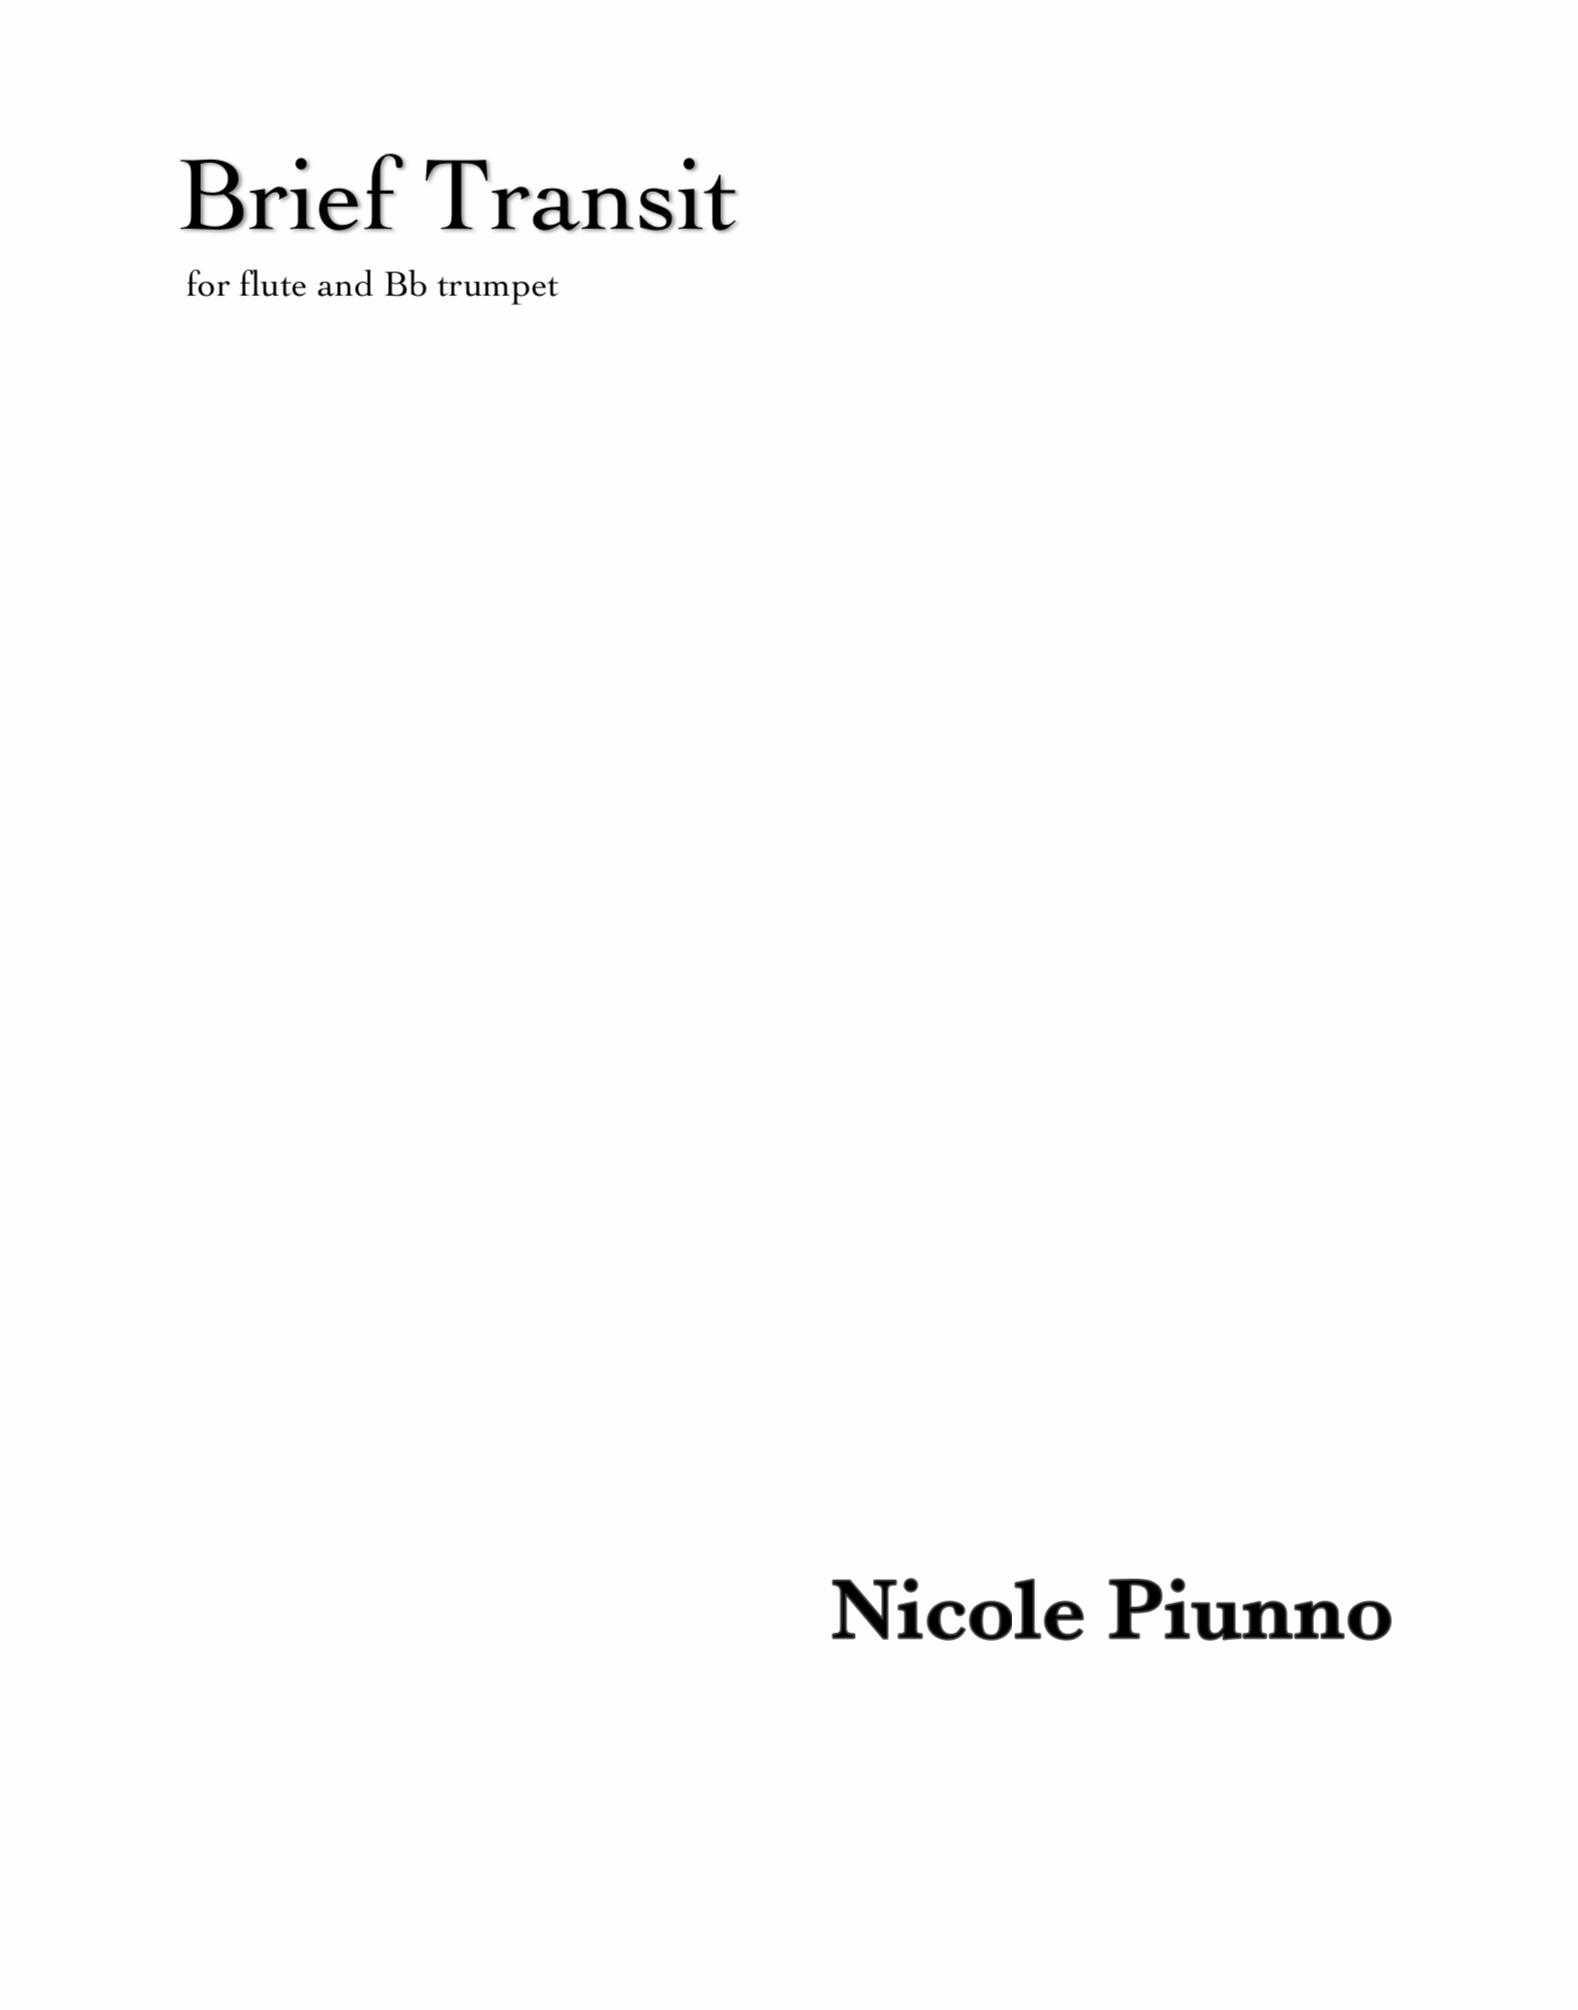 Brief Transit by Nicole Piunno